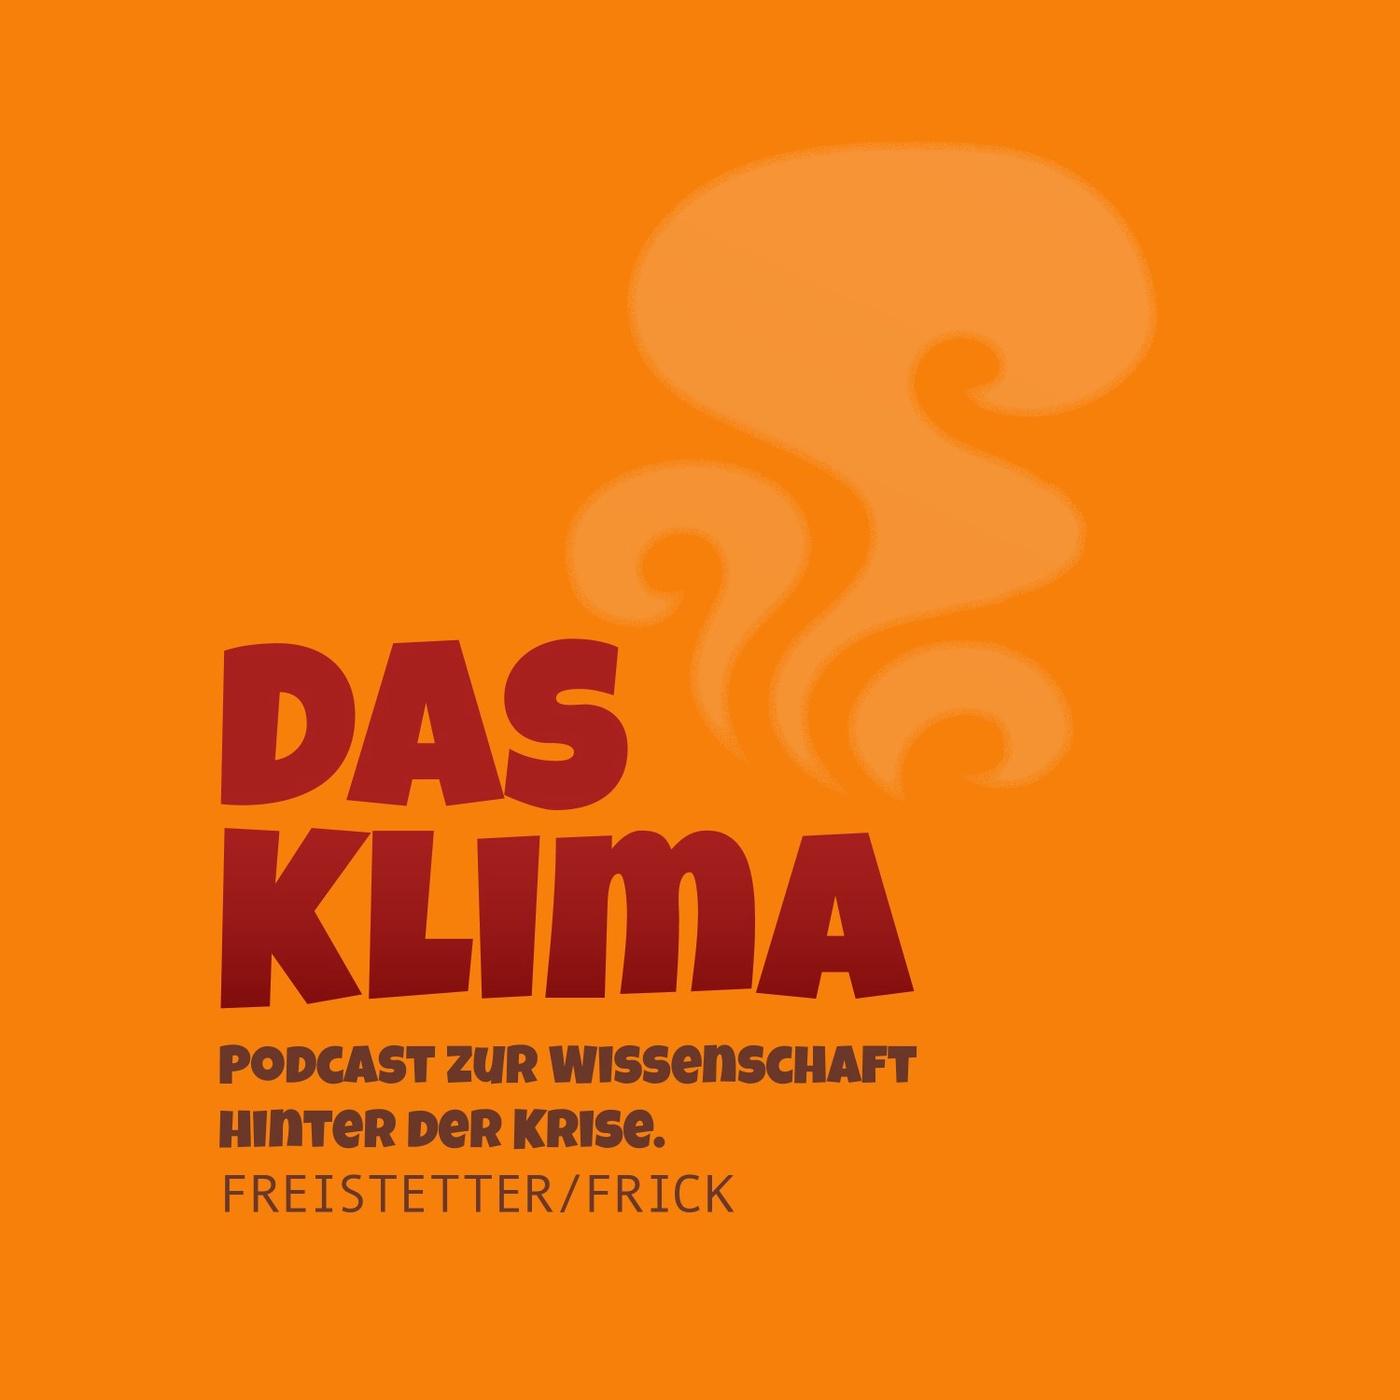 DK009 - Wir brauchen mehr Vulkanausbrüche